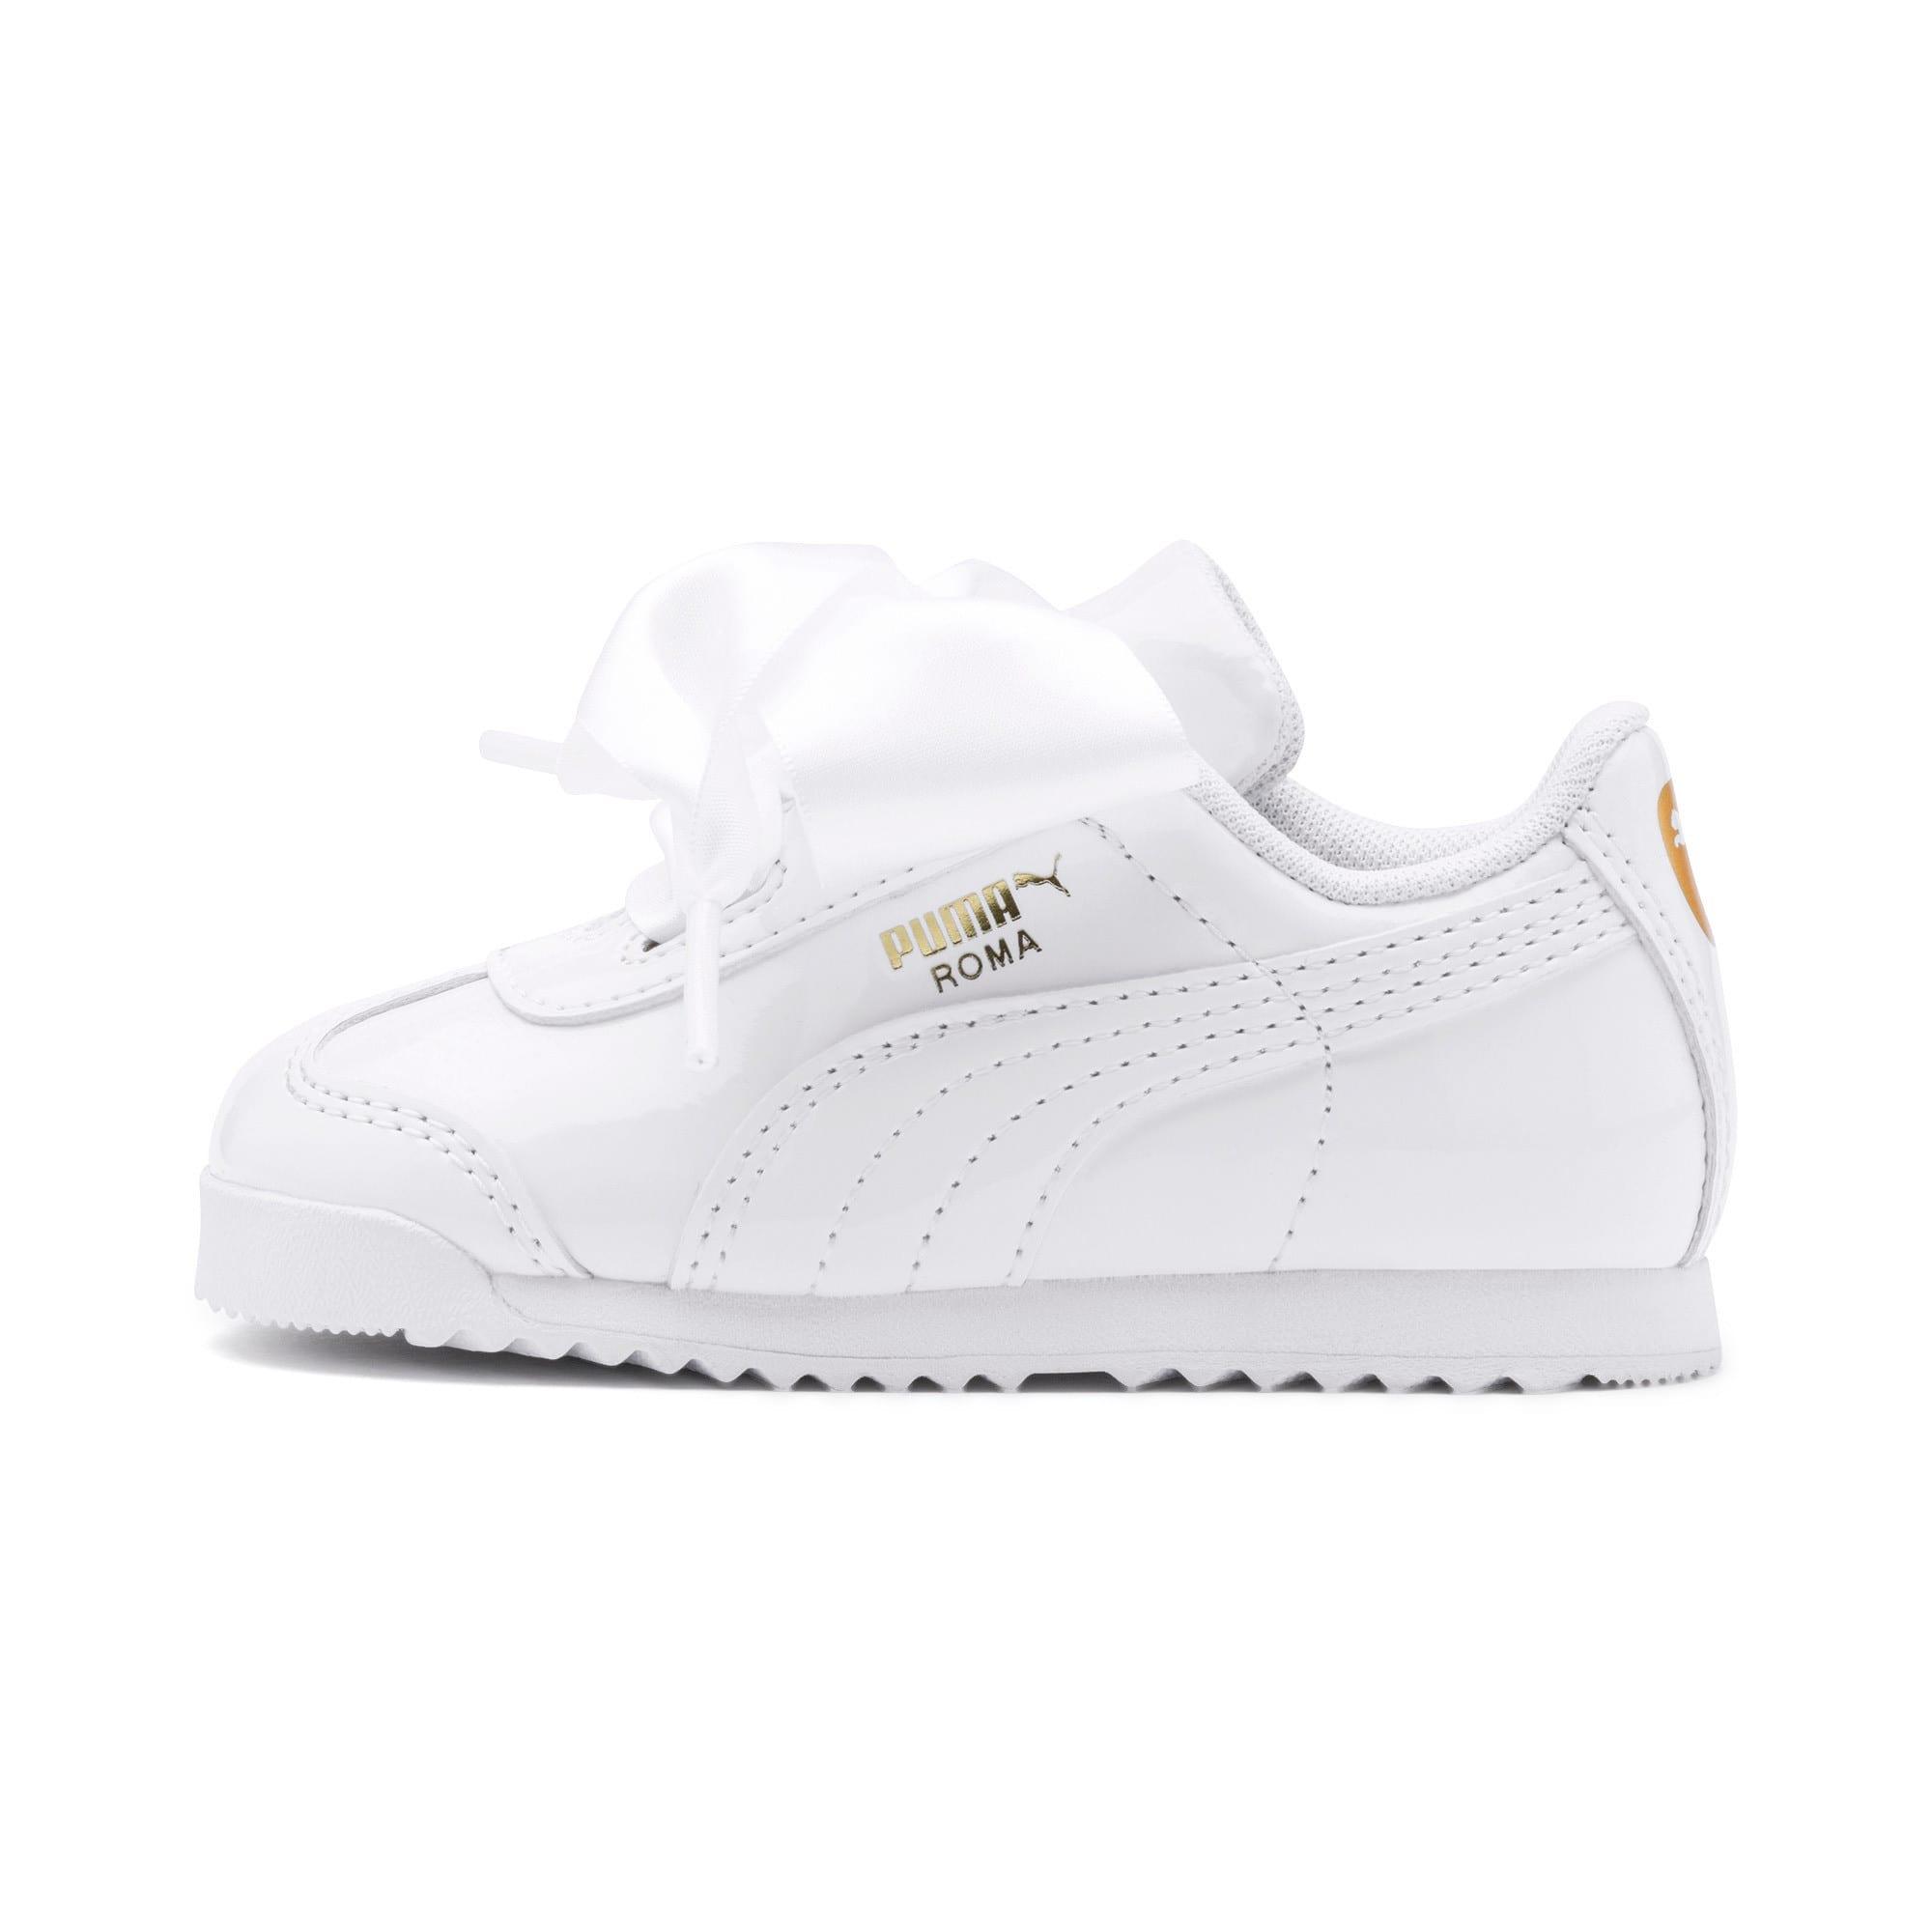 Miniatura 1 de Zapatos de charol Roma Heart para bebé, Puma White, mediano